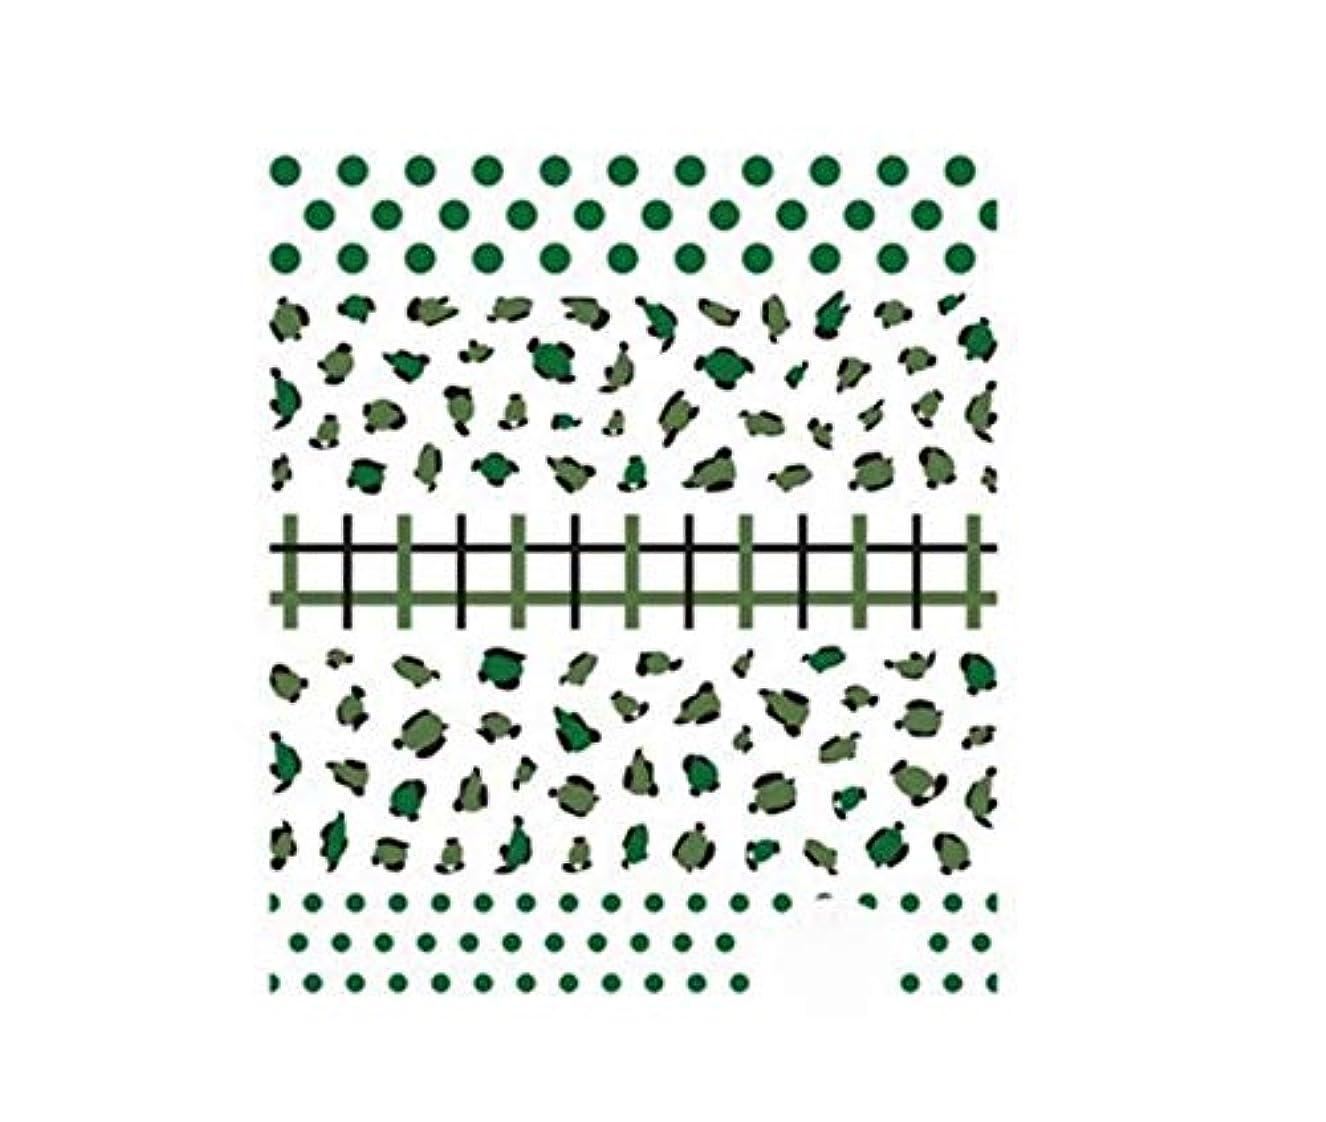 事ルビー補助金Tianmey 3D色の花柄ネイルアートステッカーデカールマニキュア美しいファッションアクセサリー装飾 (Color : Leopard)